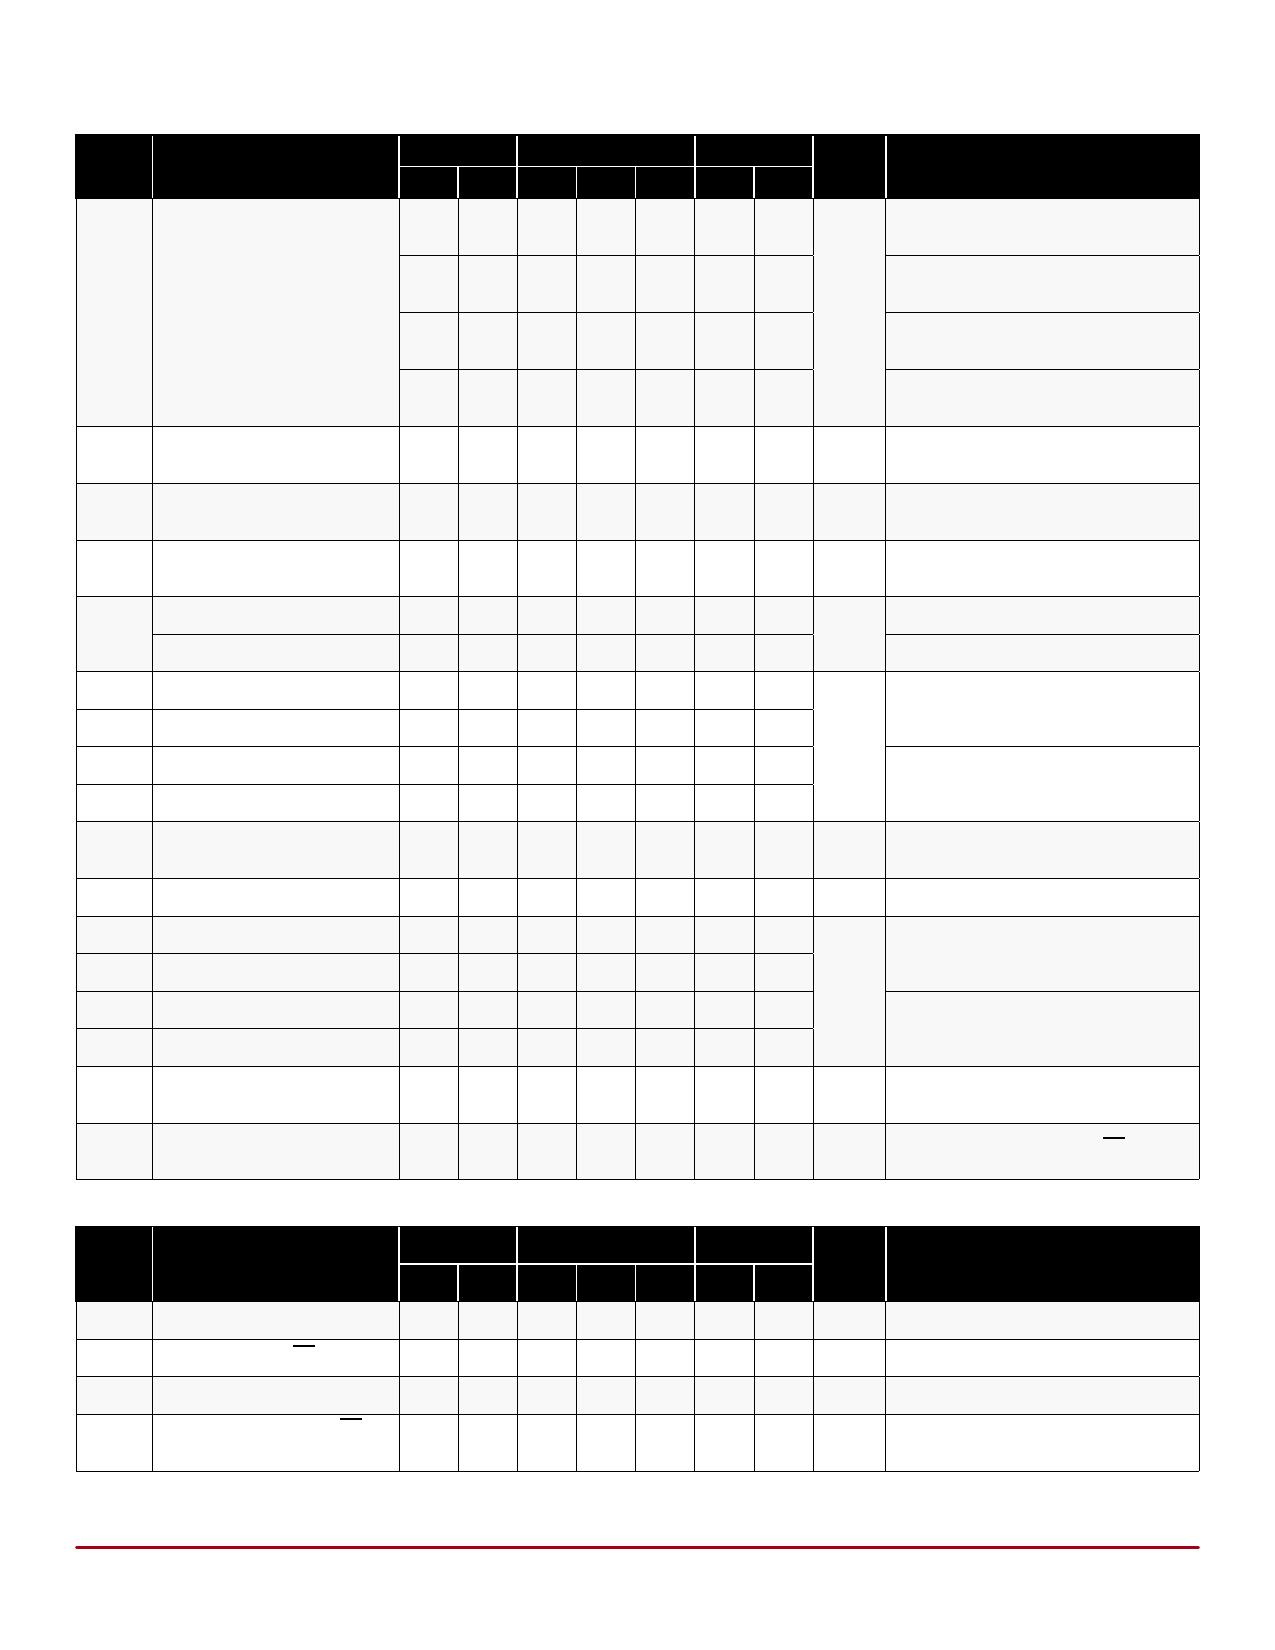 HV20822X pdf, ピン配列